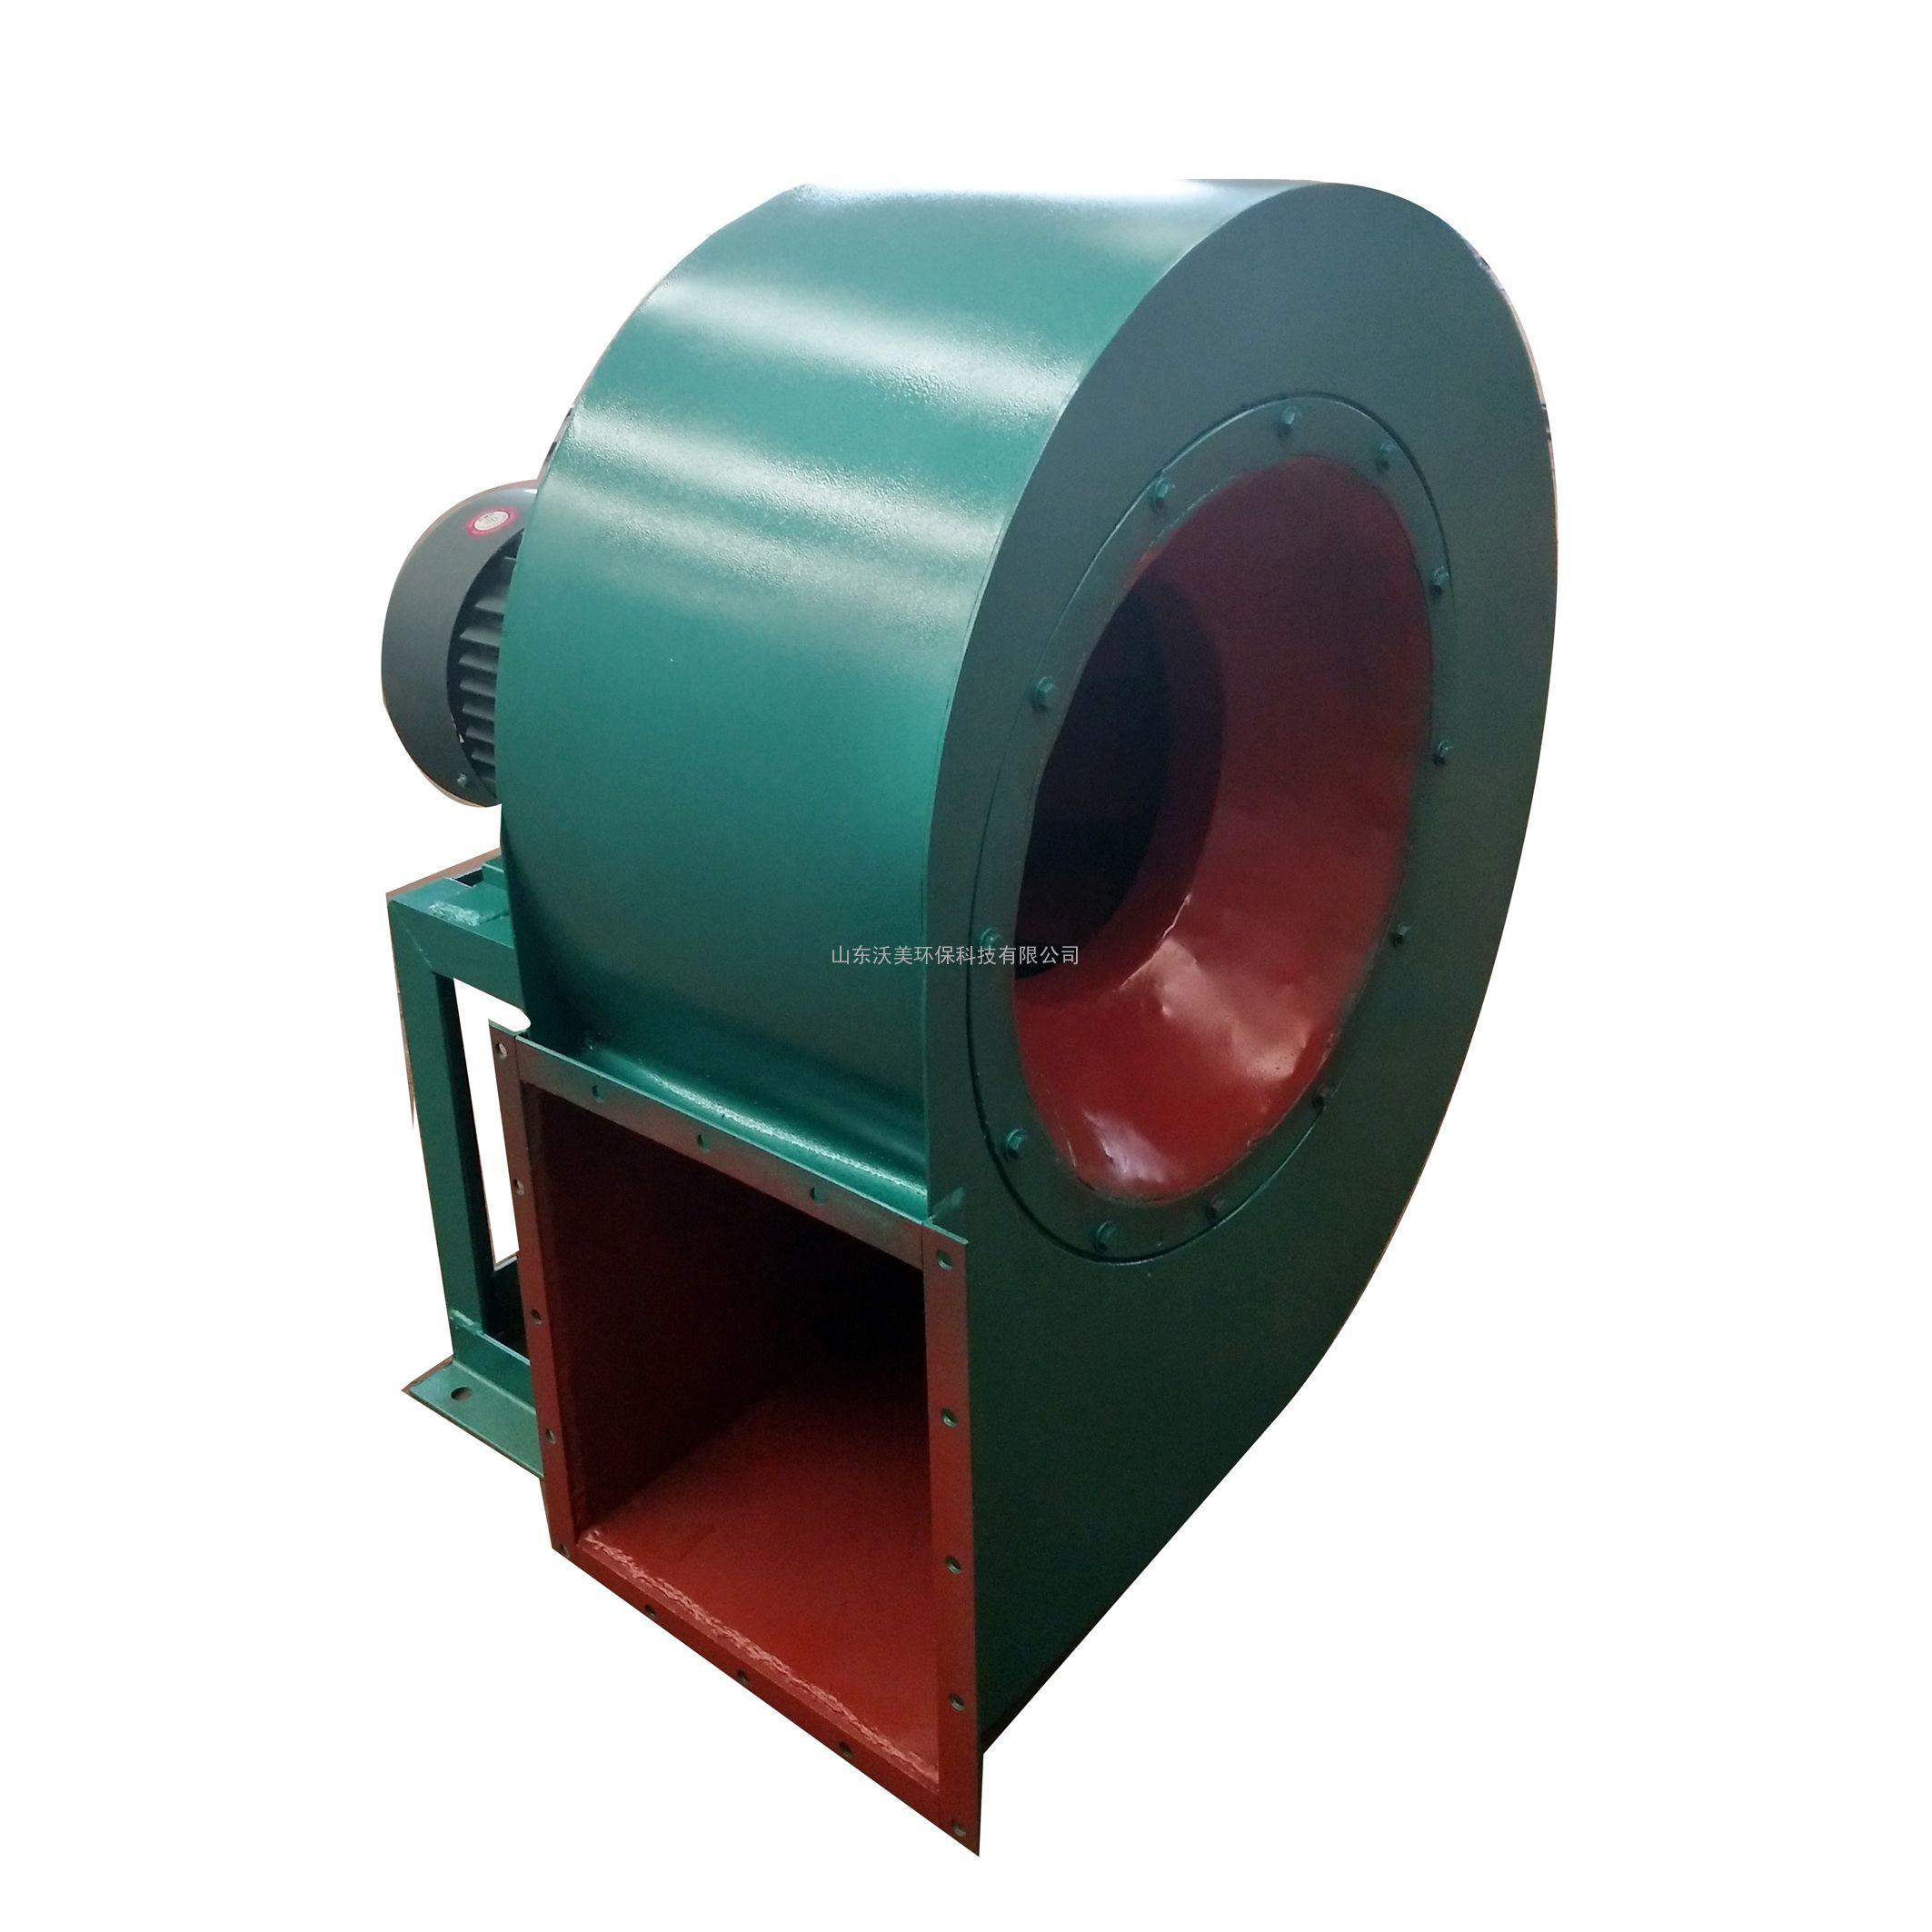 Y6-30型防爆排尘高压离心式通风机 环保低噪音